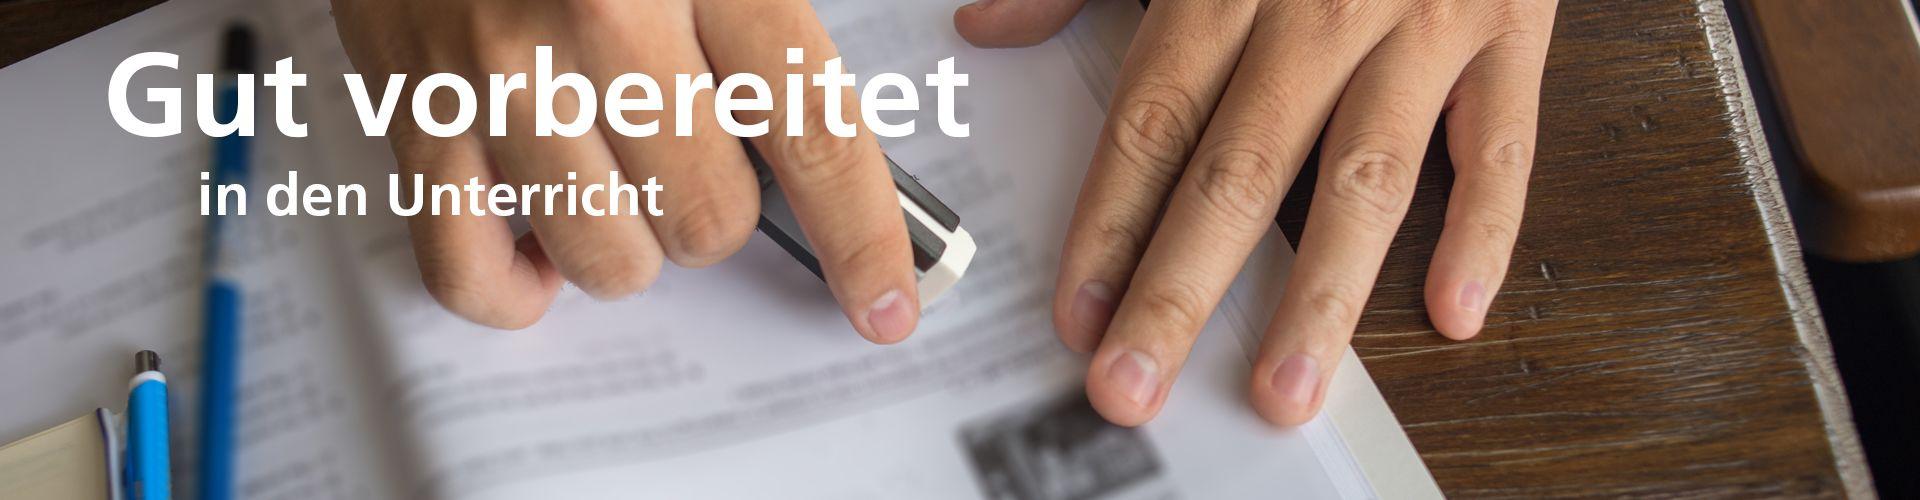 Hase und Igel Verlag - Materialien für den Unterricht